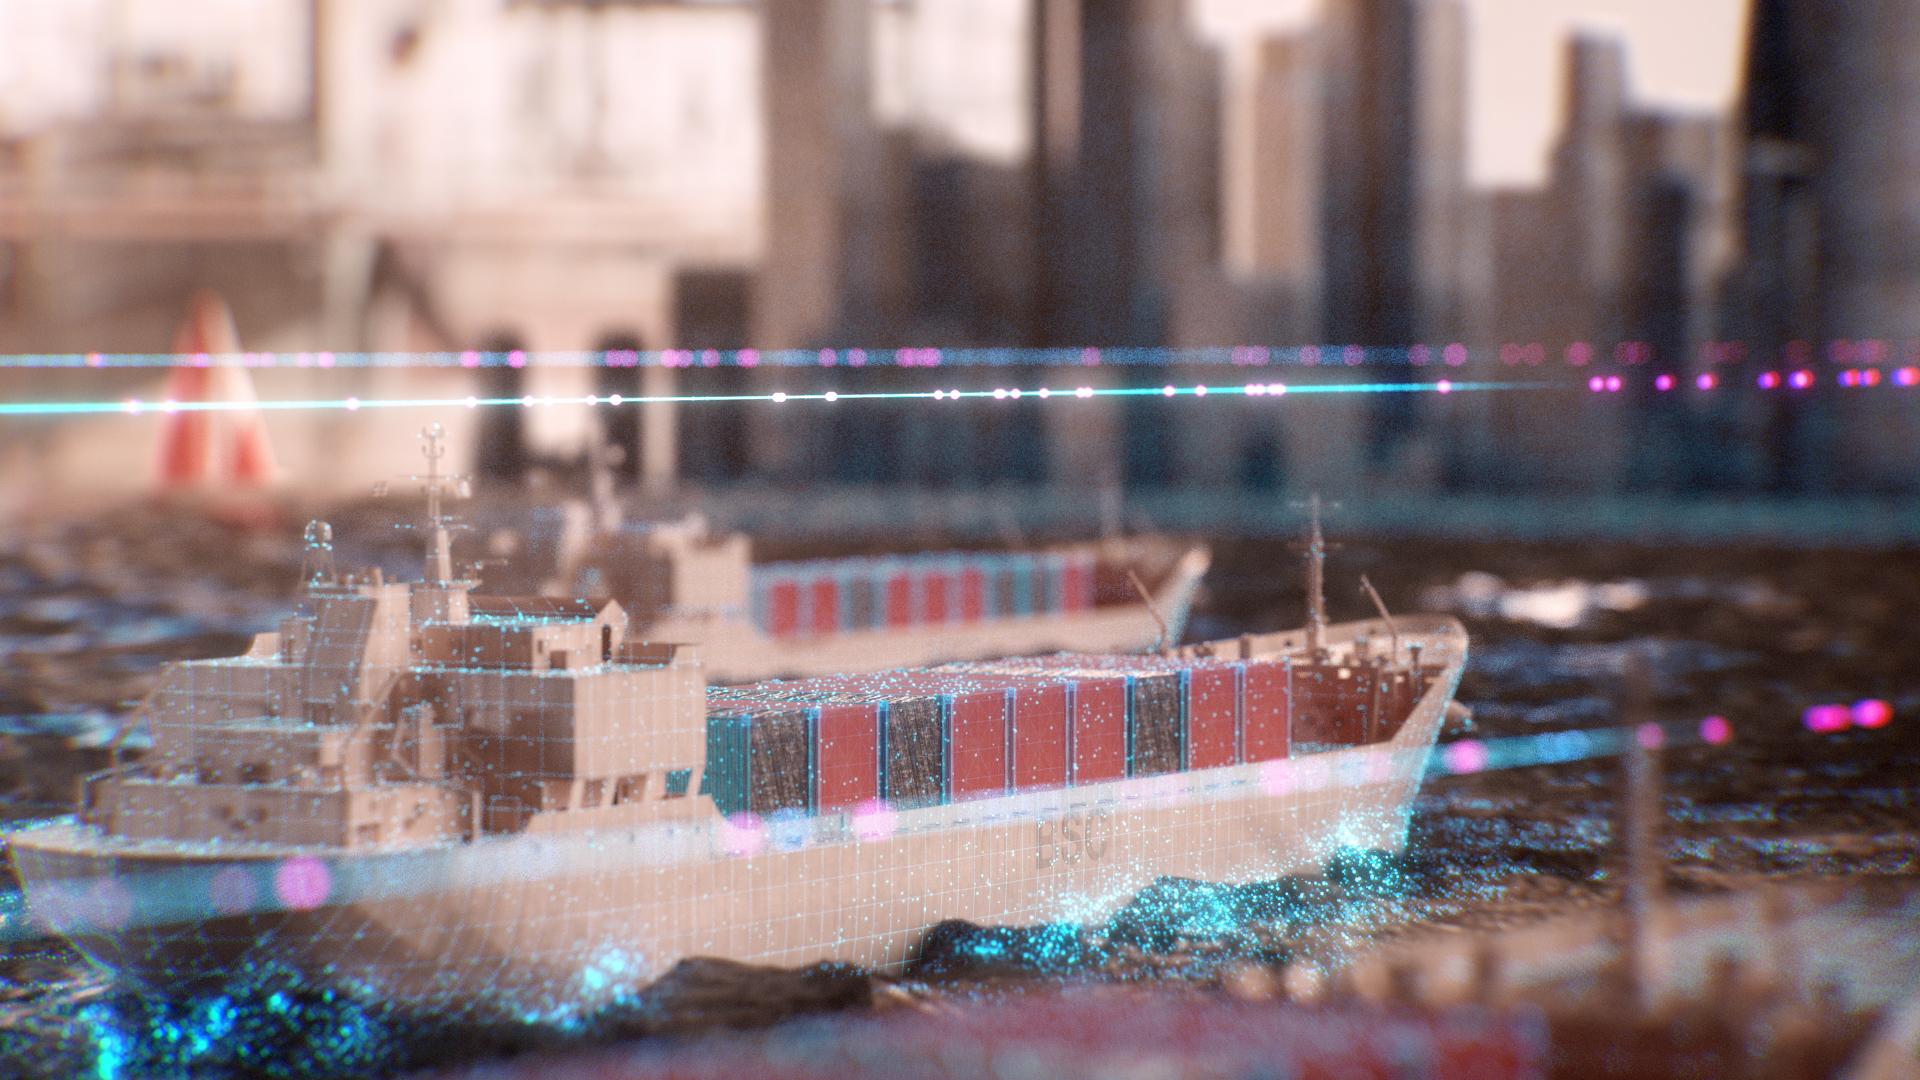 180621_Ship_Scene_DOF_v2b.jpg